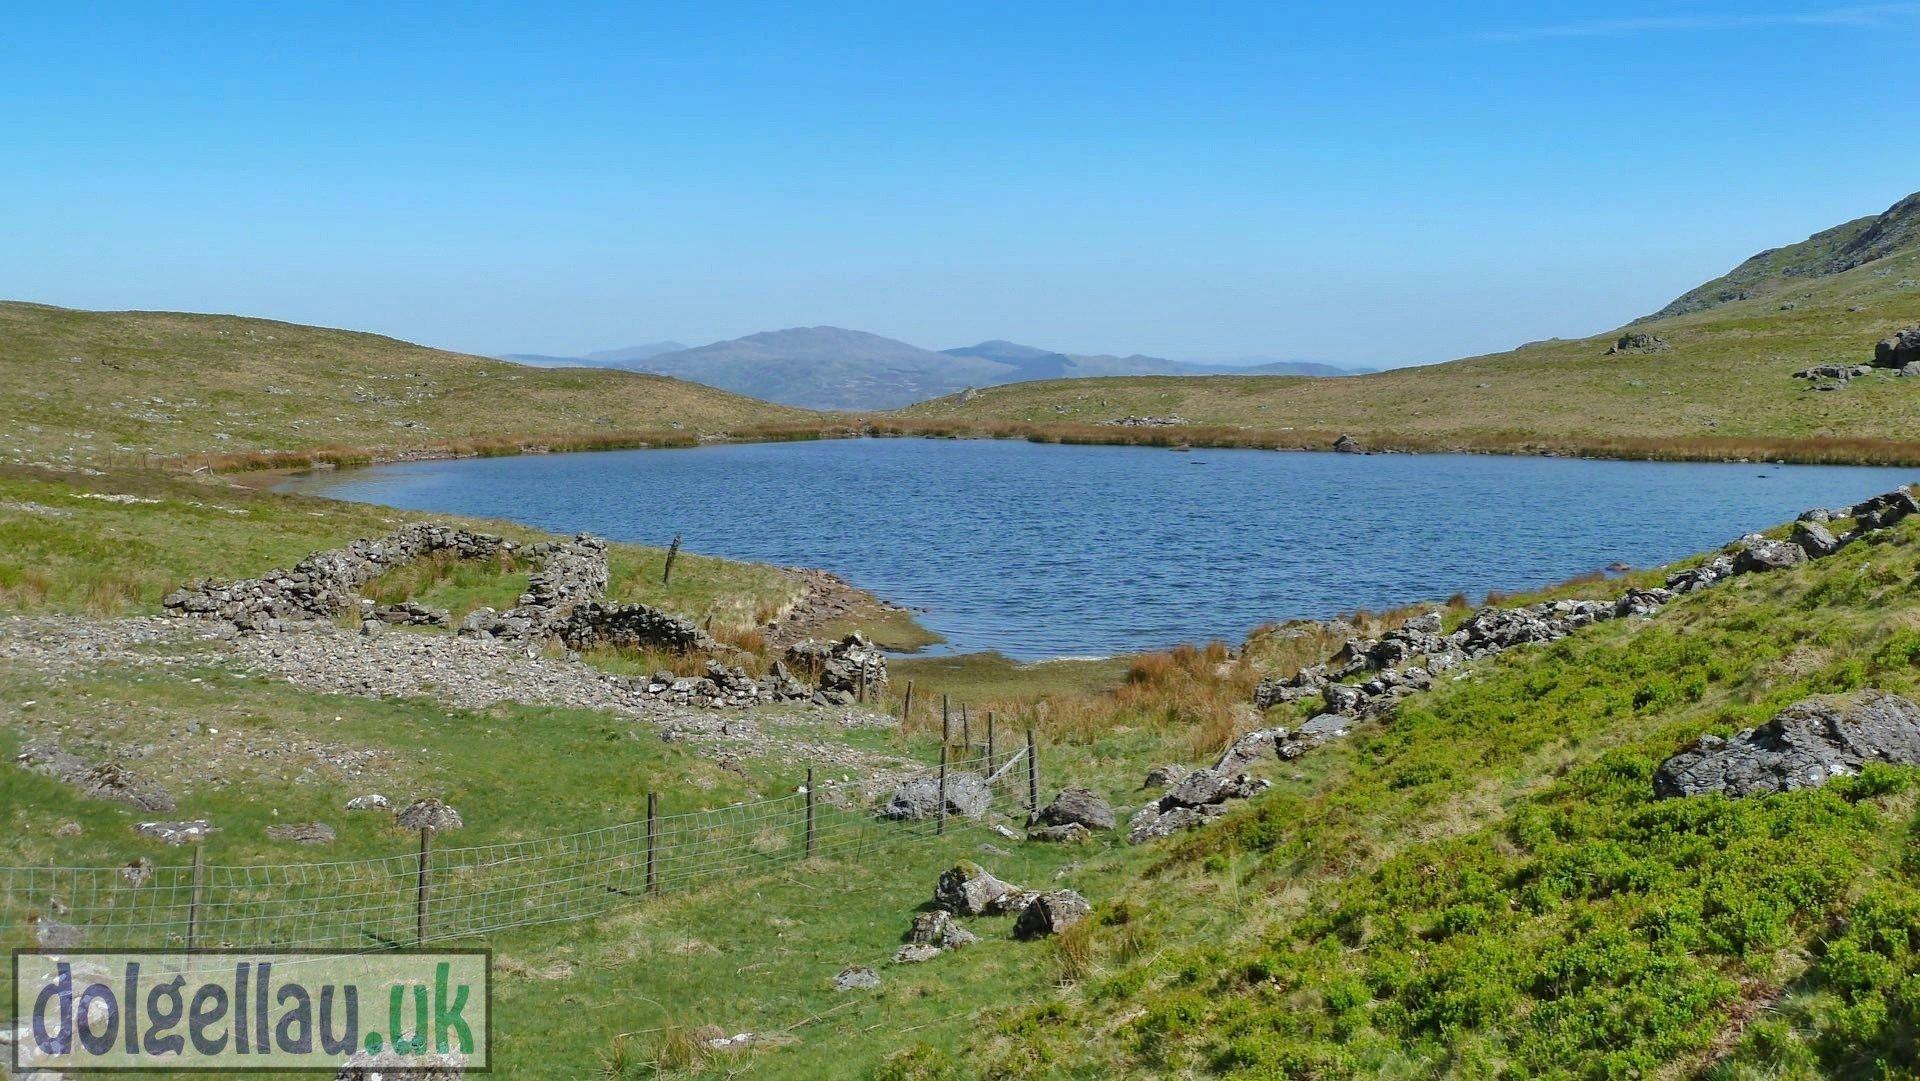 Looking North Over Llyn Aran